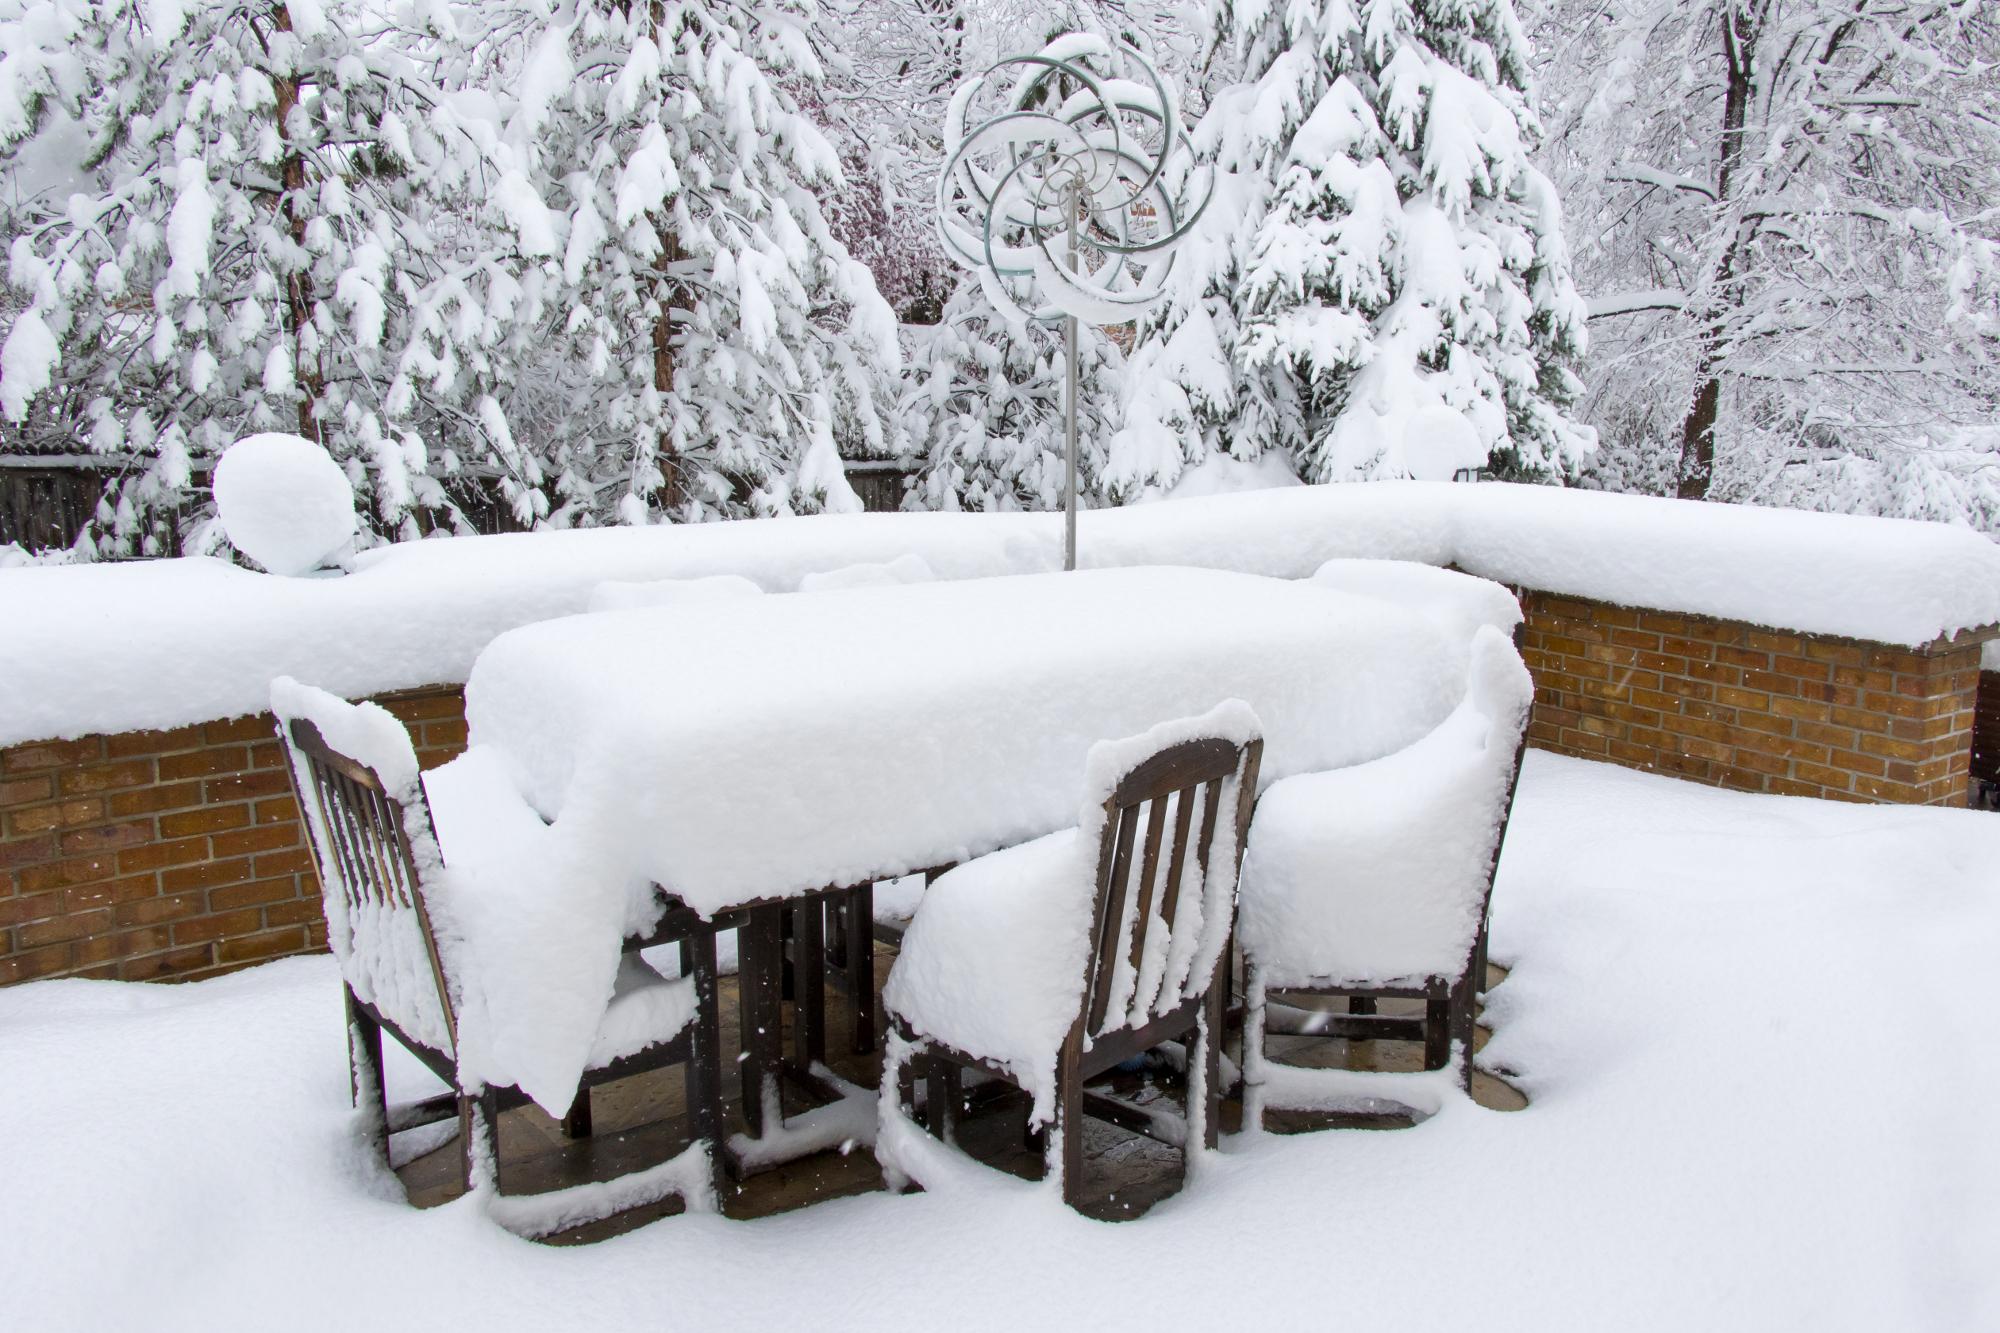 terrasse-winterfest-gartenmoebel-mit-schnee-bedeckt